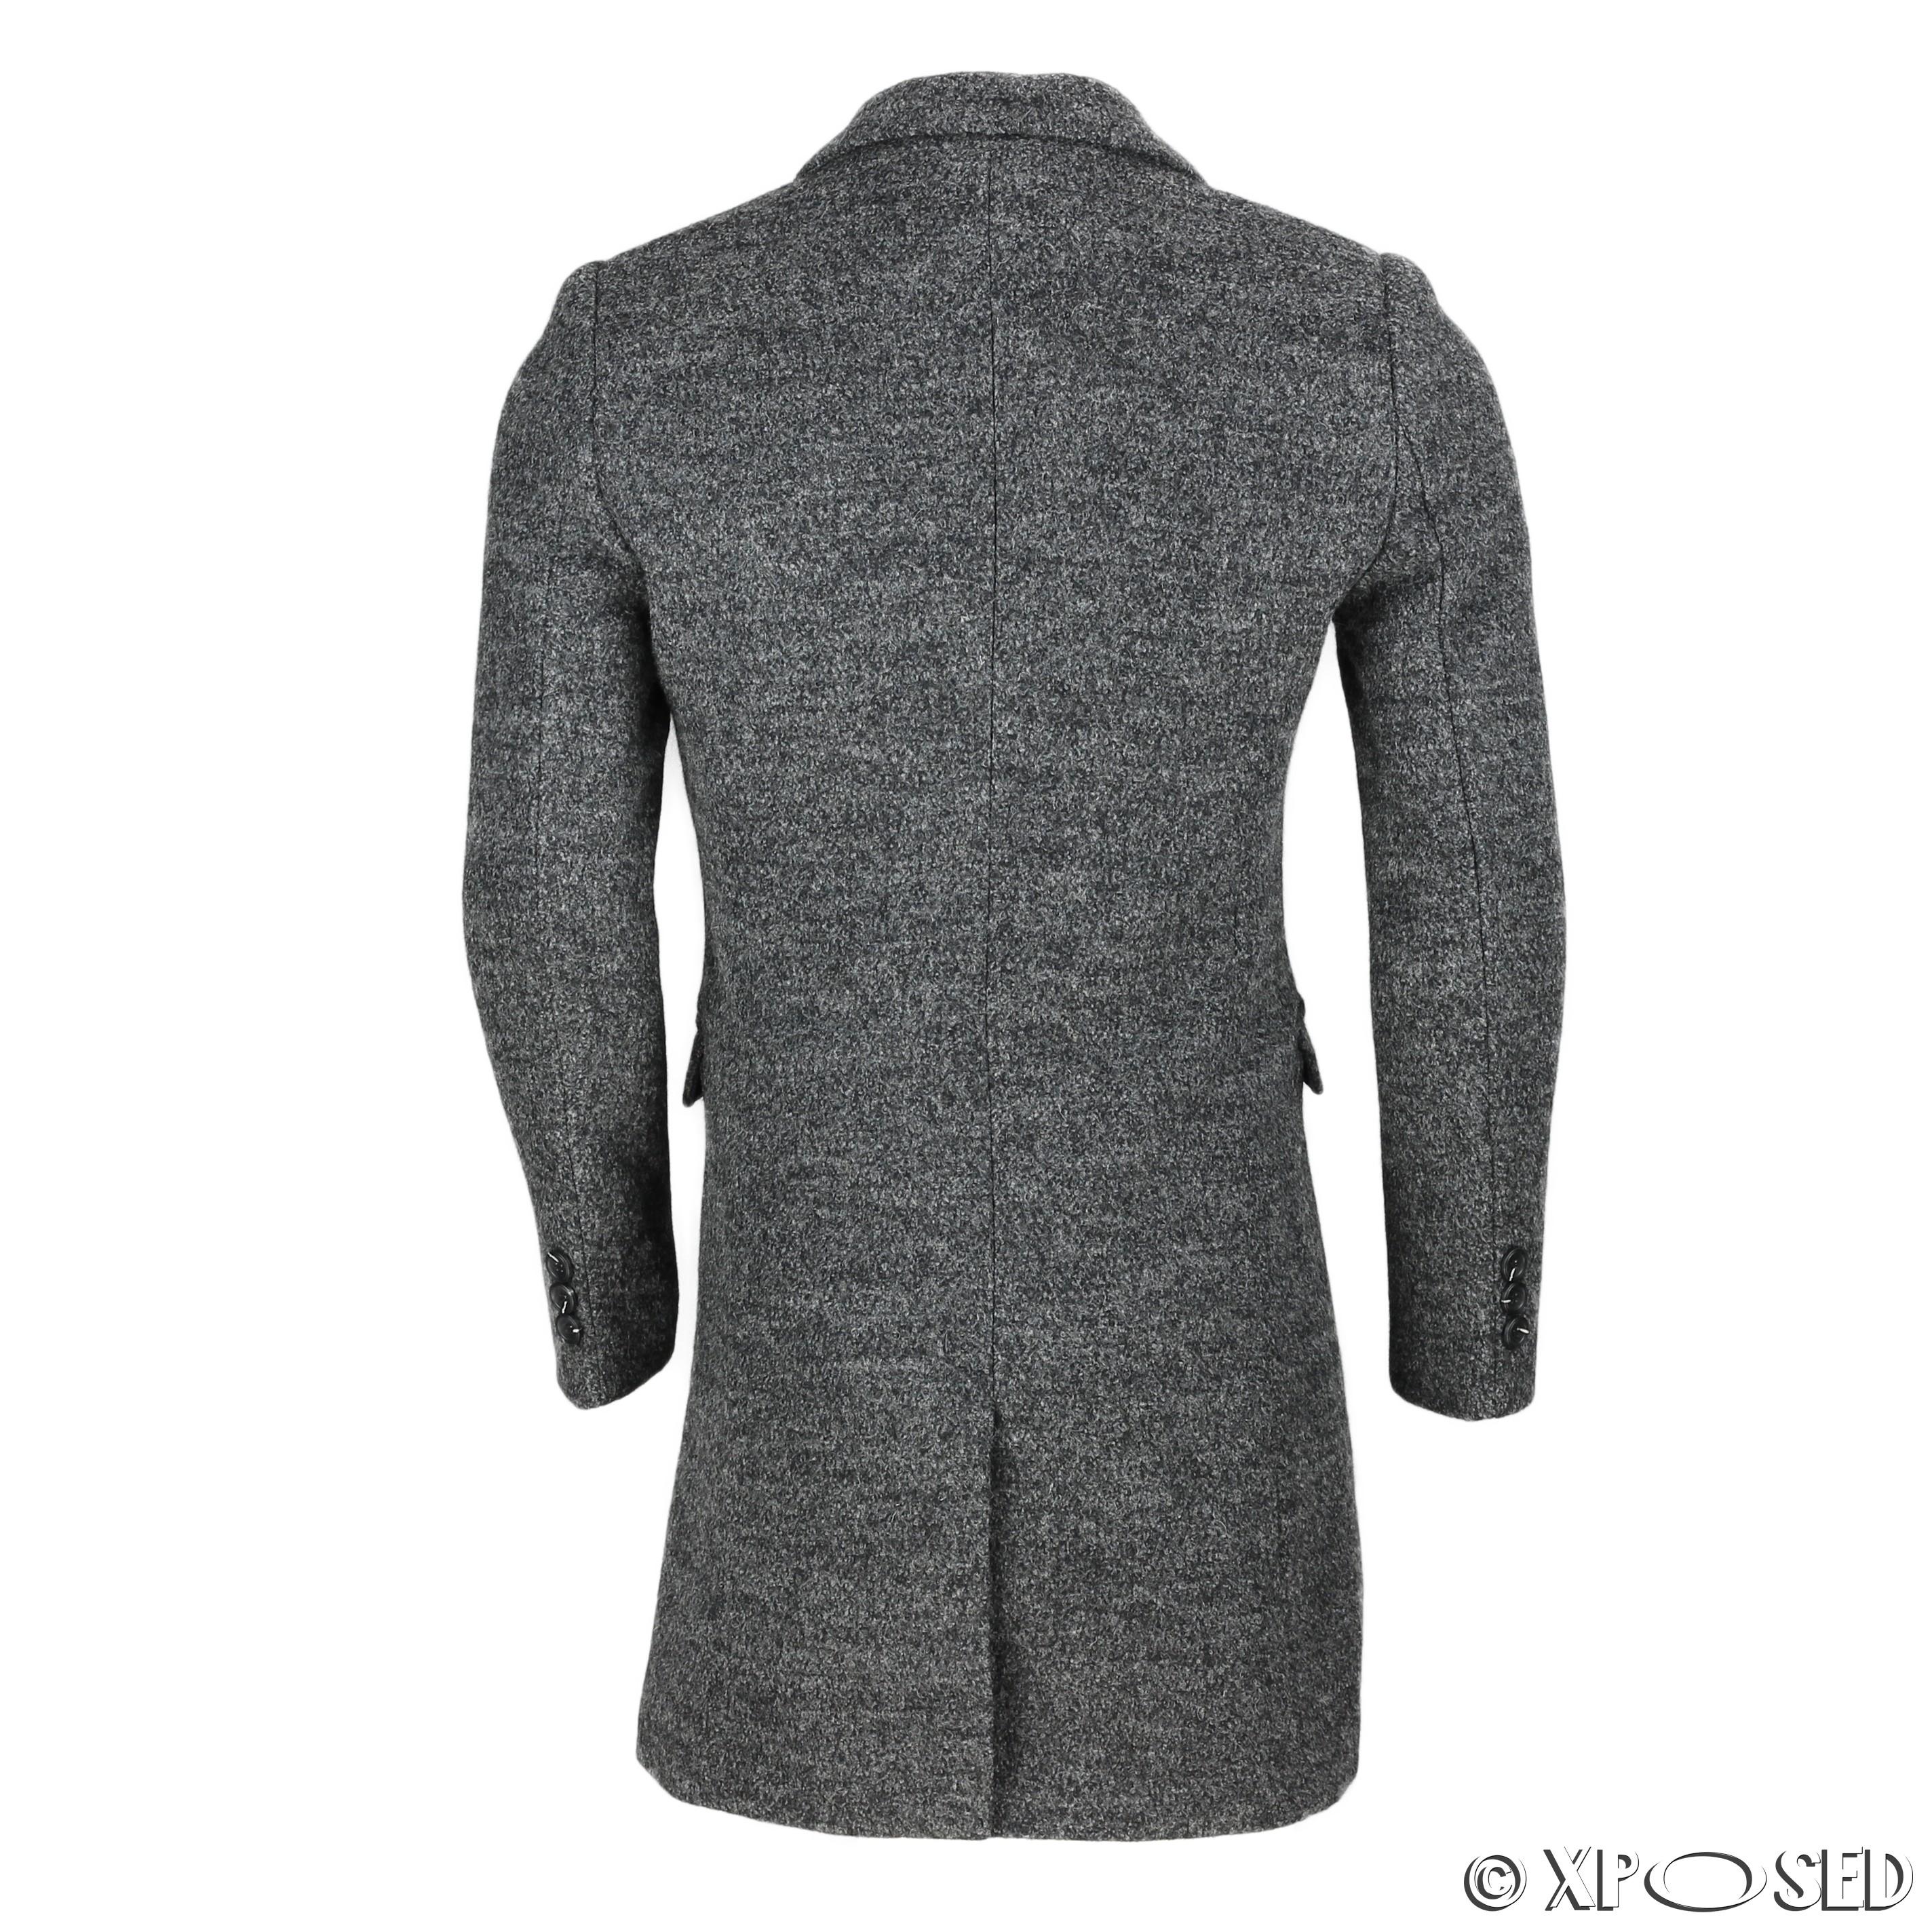 Mens formal winter coats